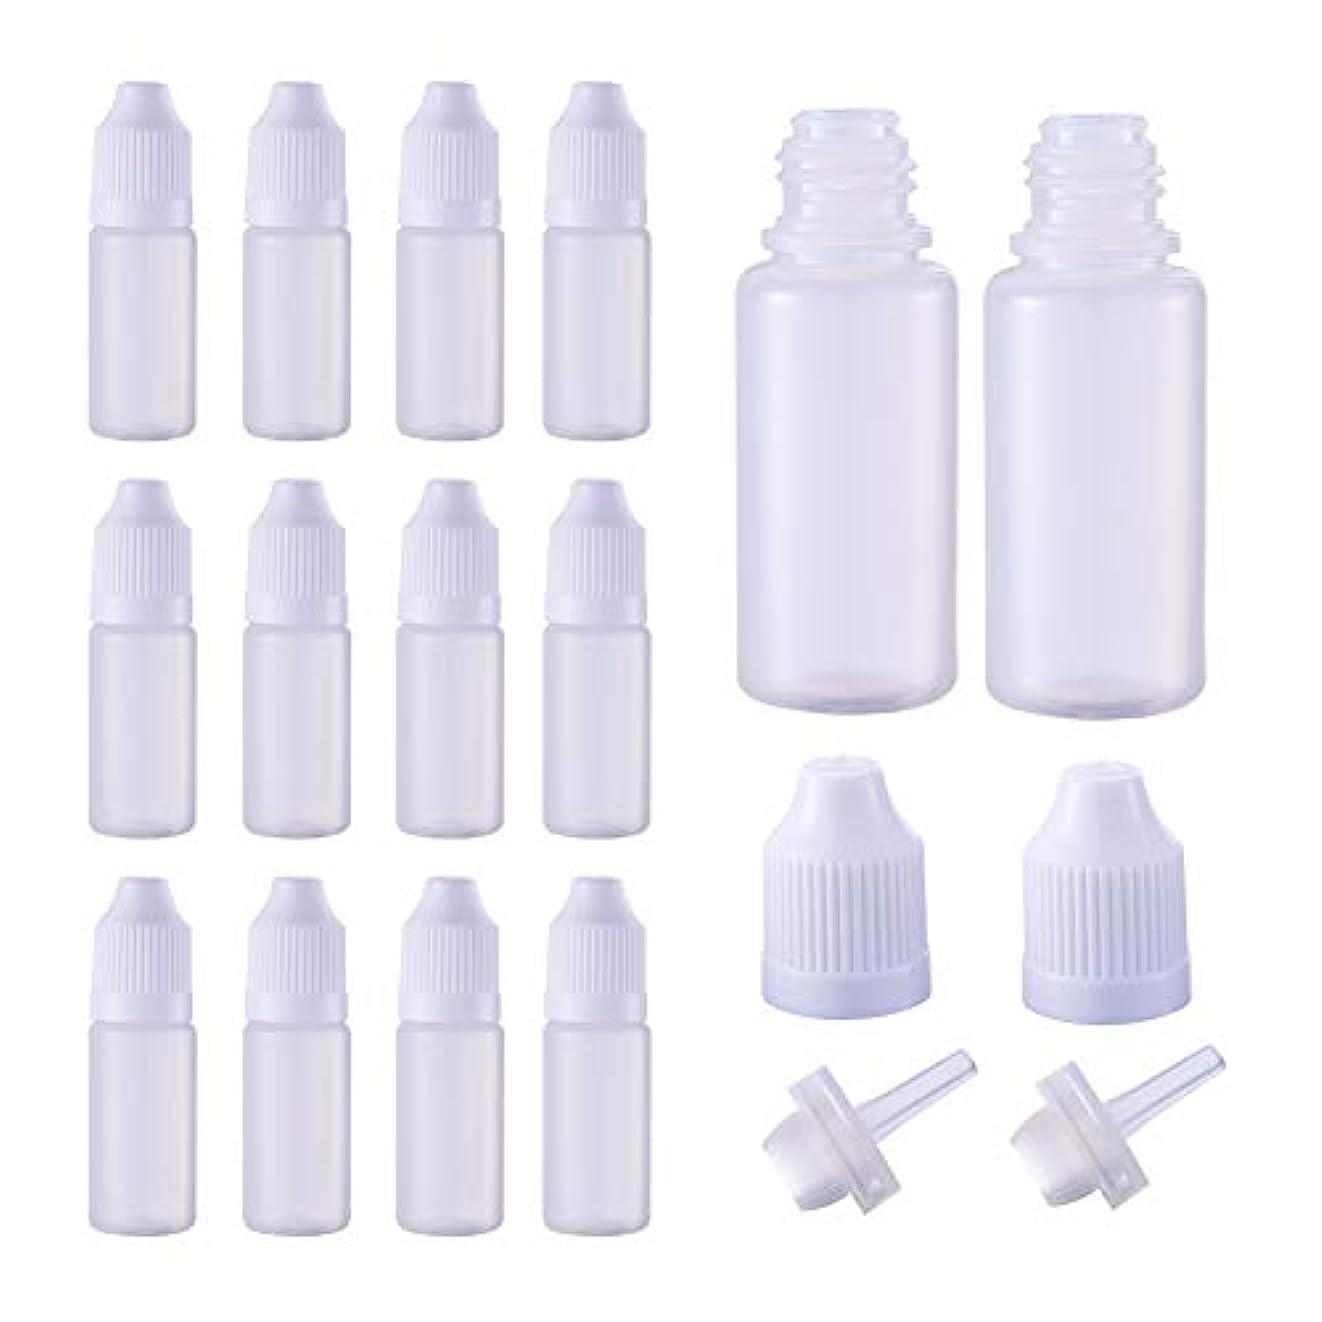 BENECREAT 50個セット 10mlドロッパーボトル プラスチック製 いたずら防止蓋つき 液体貯蔵用 点眼剤ボトル アロマボトル 分け詰め ホワイト蓋